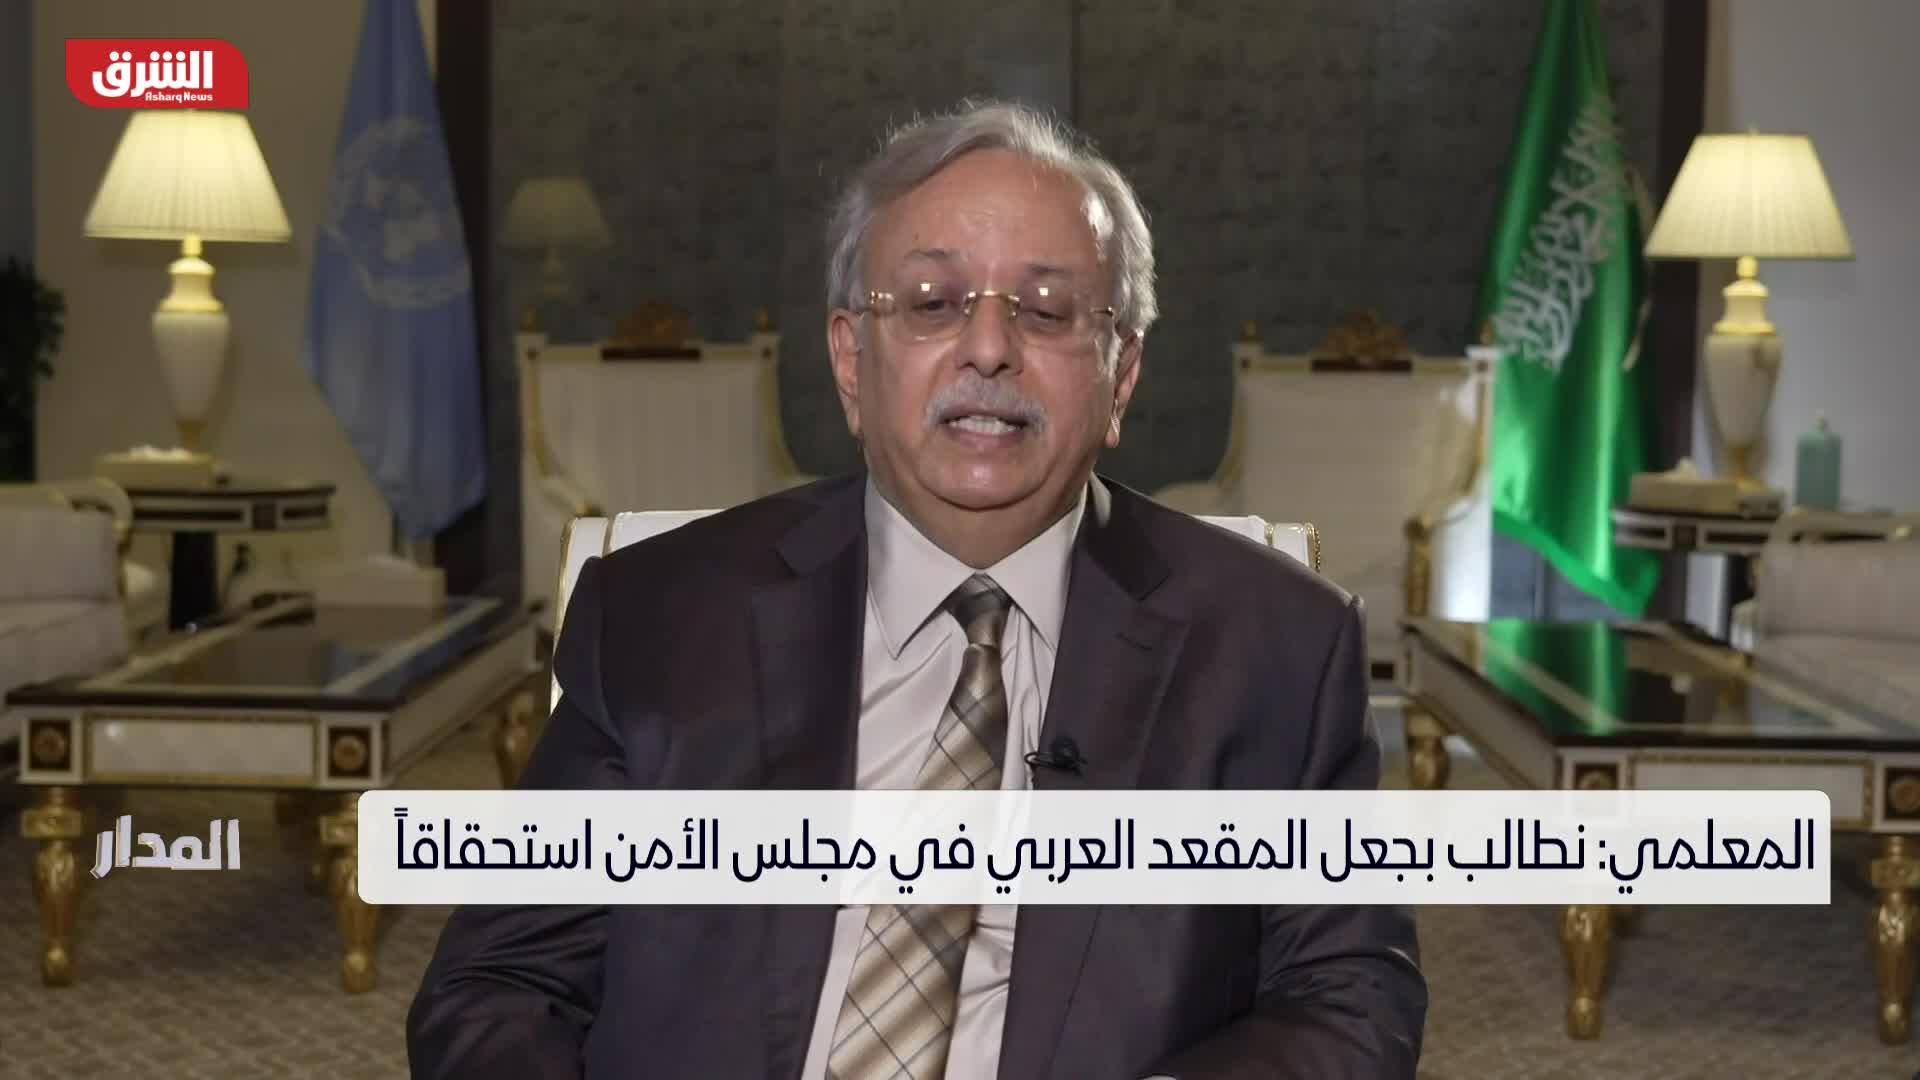 هناك مطالبات تنادي بمقعد عربي دائم بمجلس الأمن يمثل مجلس الدول العربية.. هل هي مطالبة منطقية؟